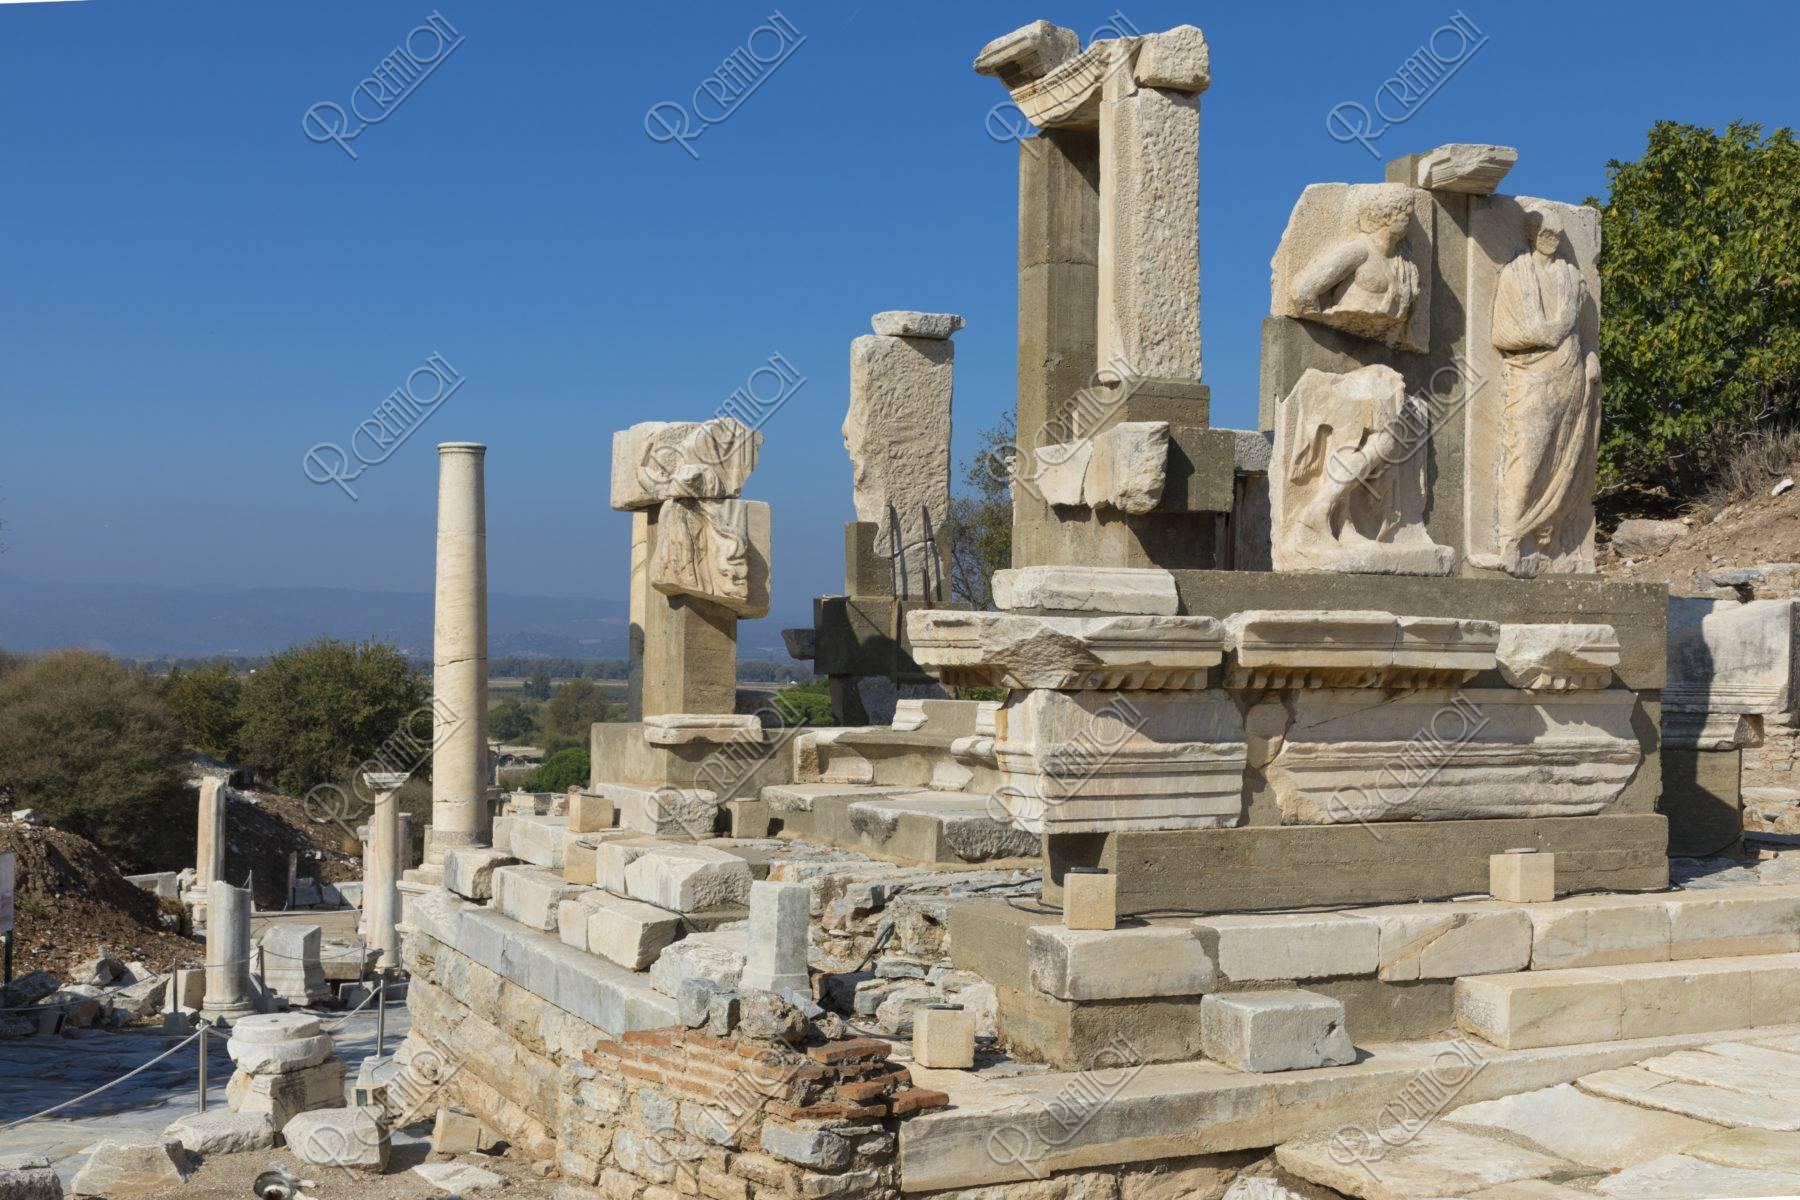 エフェソス遺跡 メミウスの碑